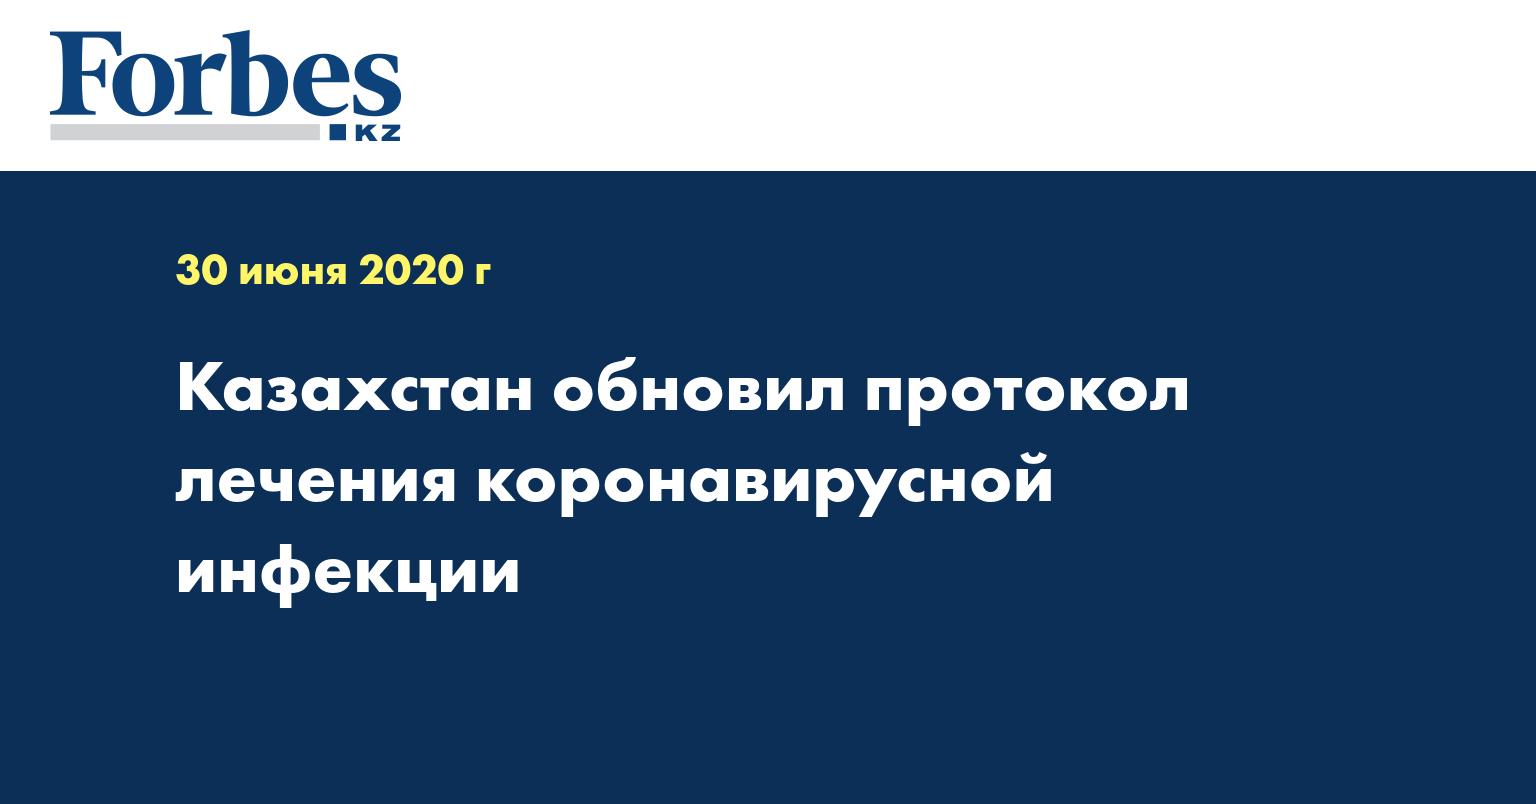 Казахстан обновил протокол лечения коронавирусной инфекции